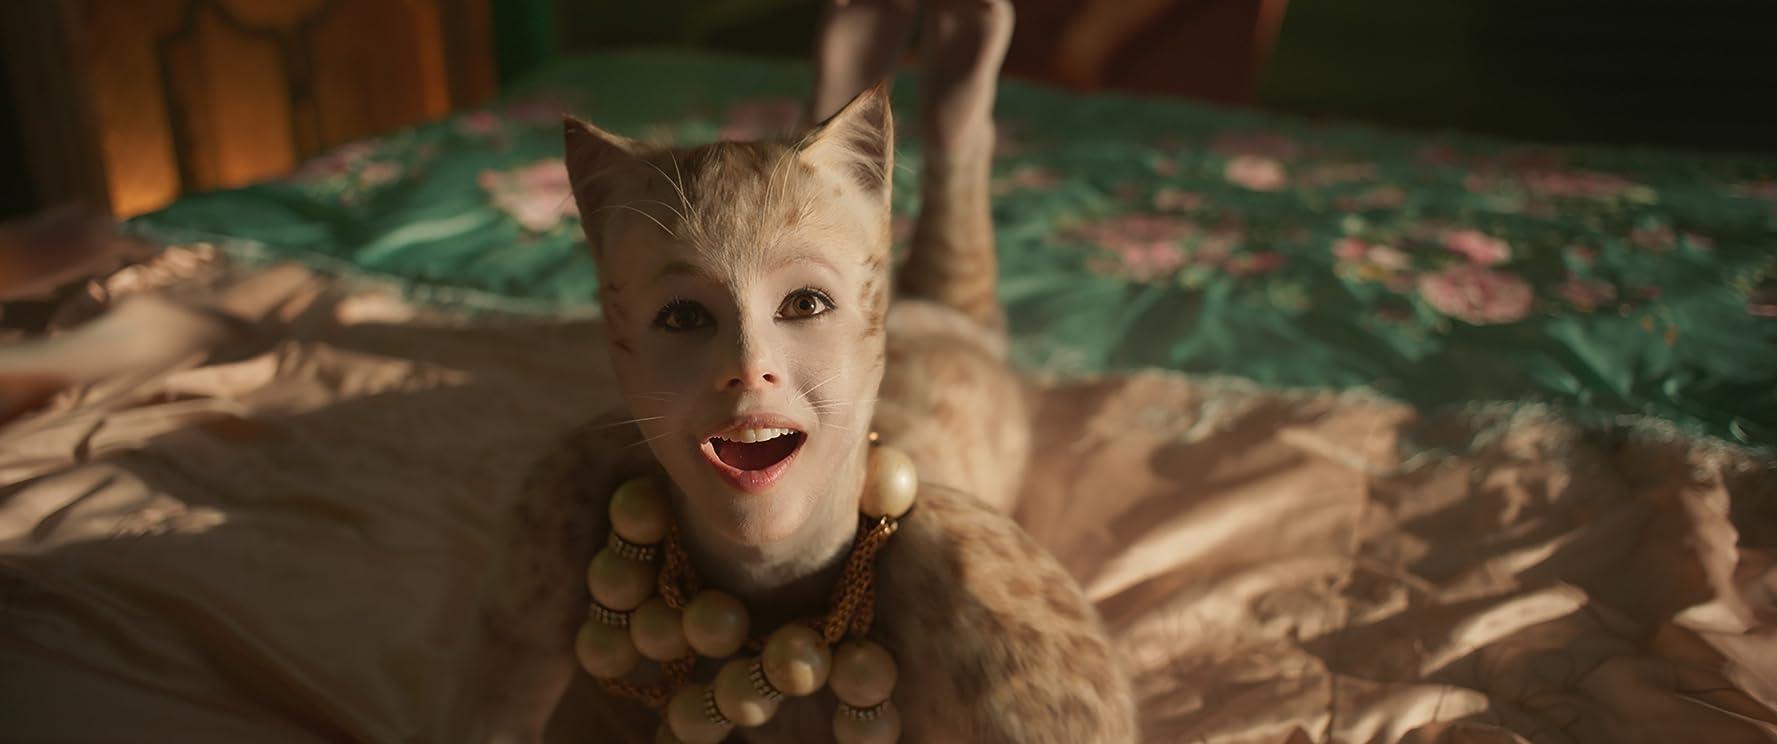 Francesca Hayward in Cats (2019)